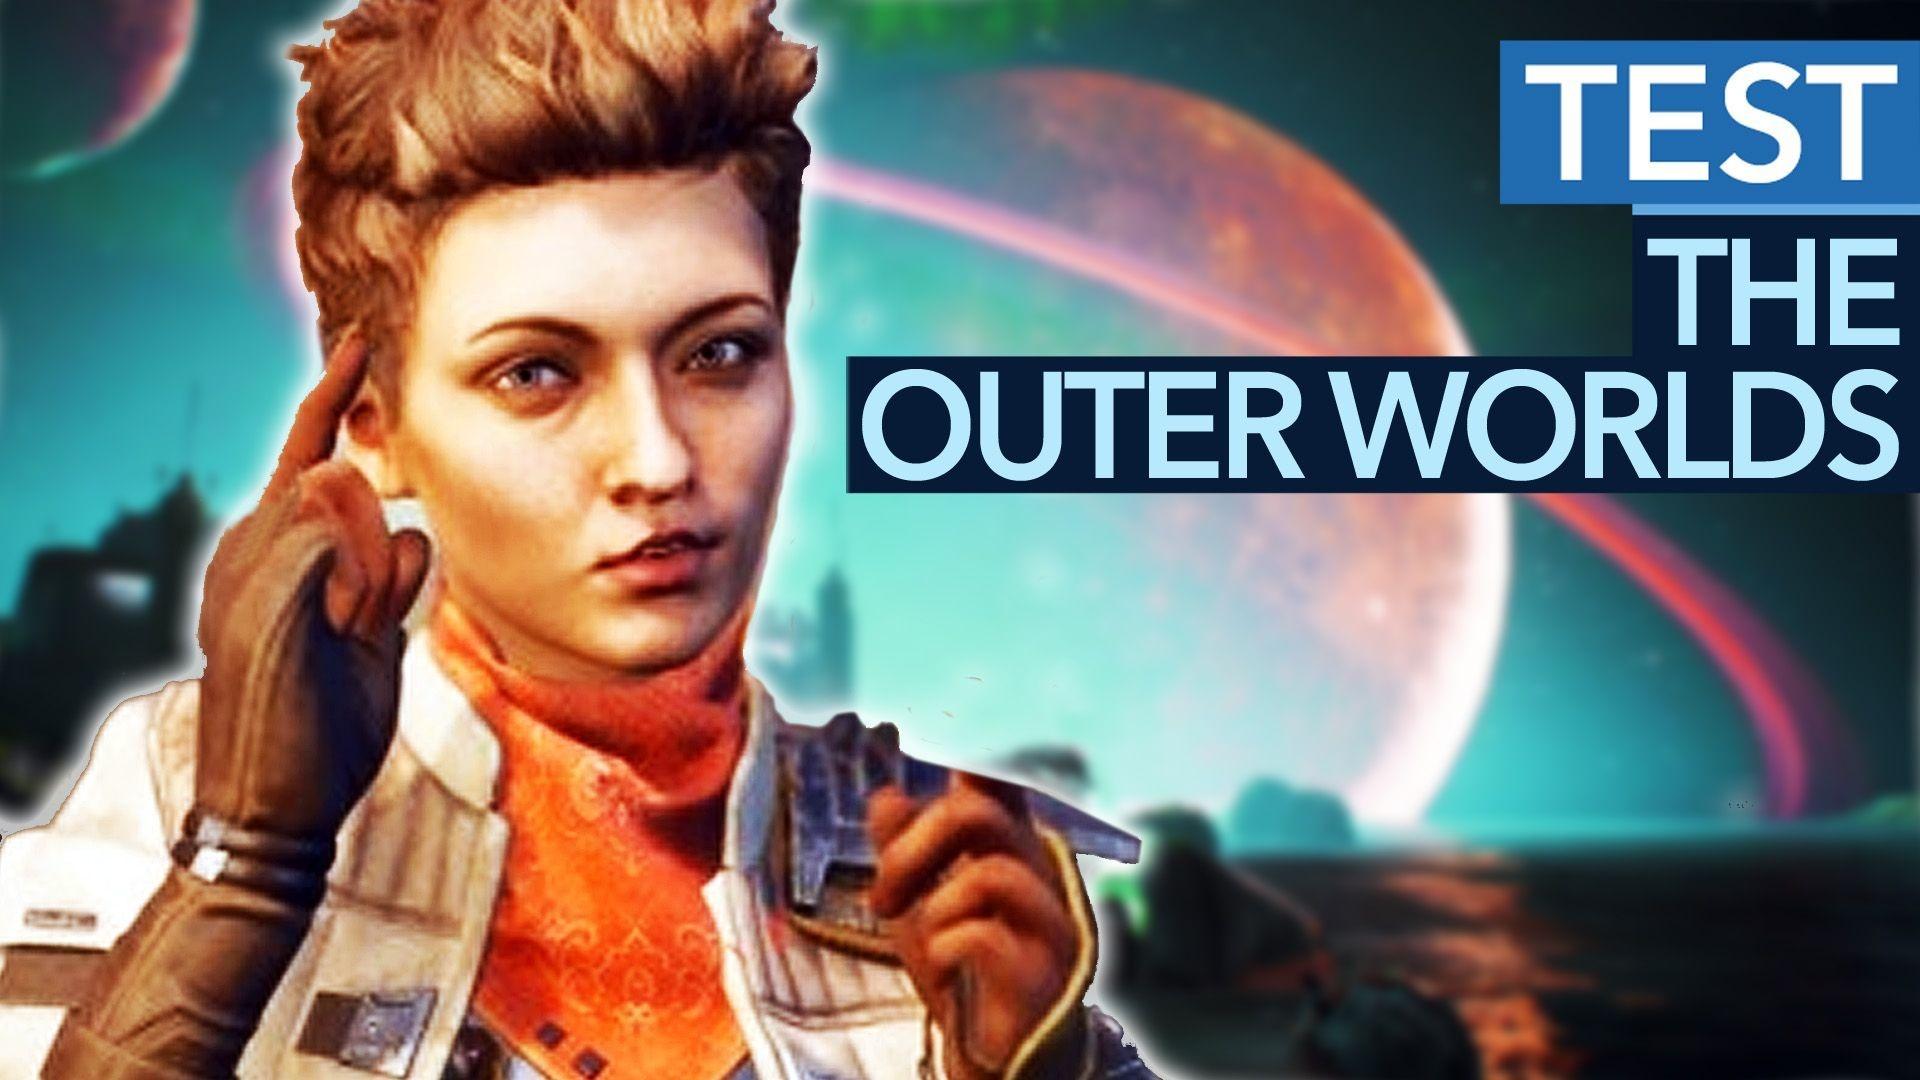 The Outer Worlds - Test-Video zum Fallout-ähnlichen Rollenspiel-Hit